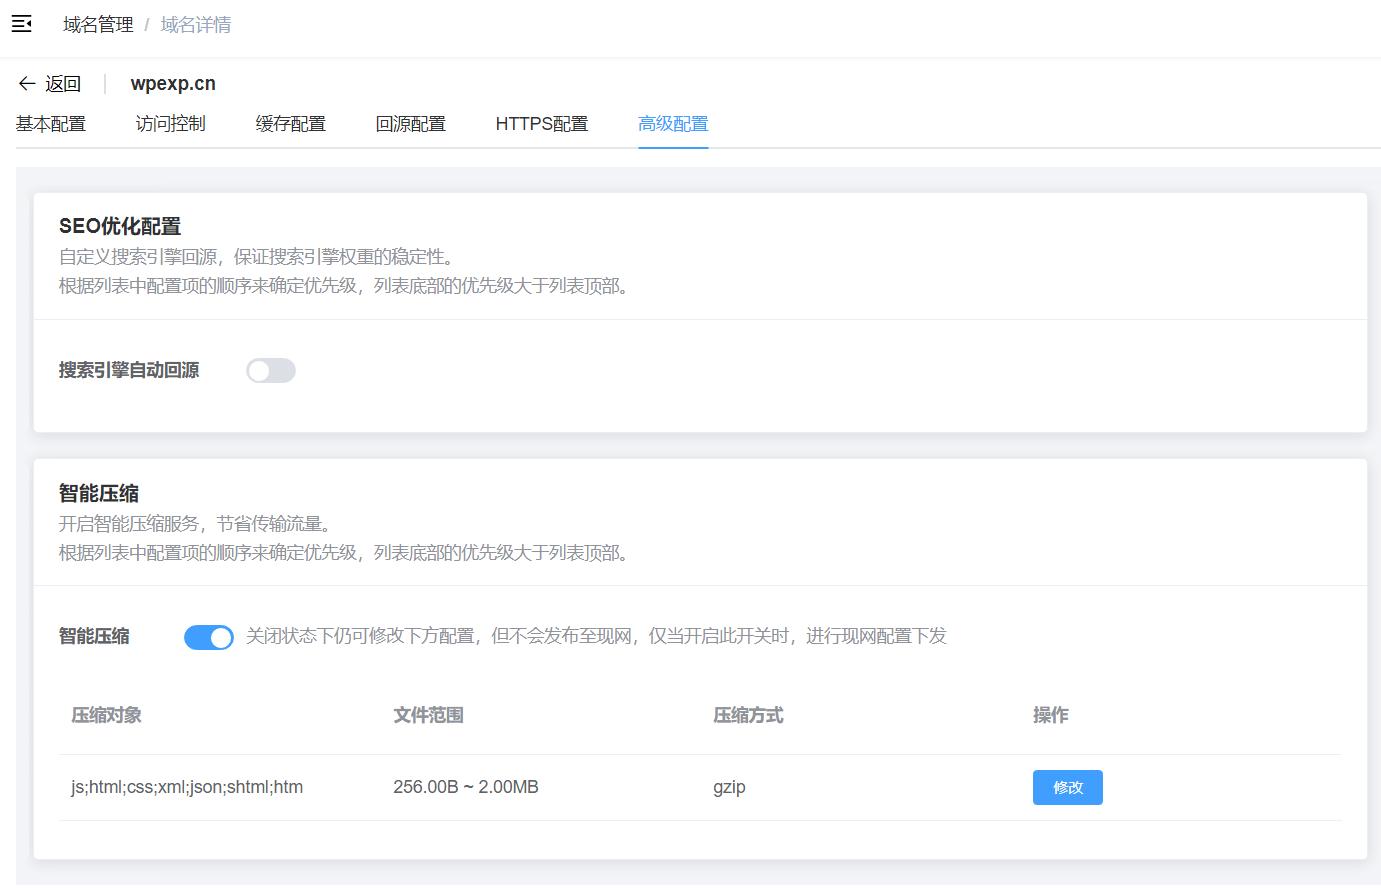 使用 U-CDN 给 WordPress 站点进行内容分发加速。